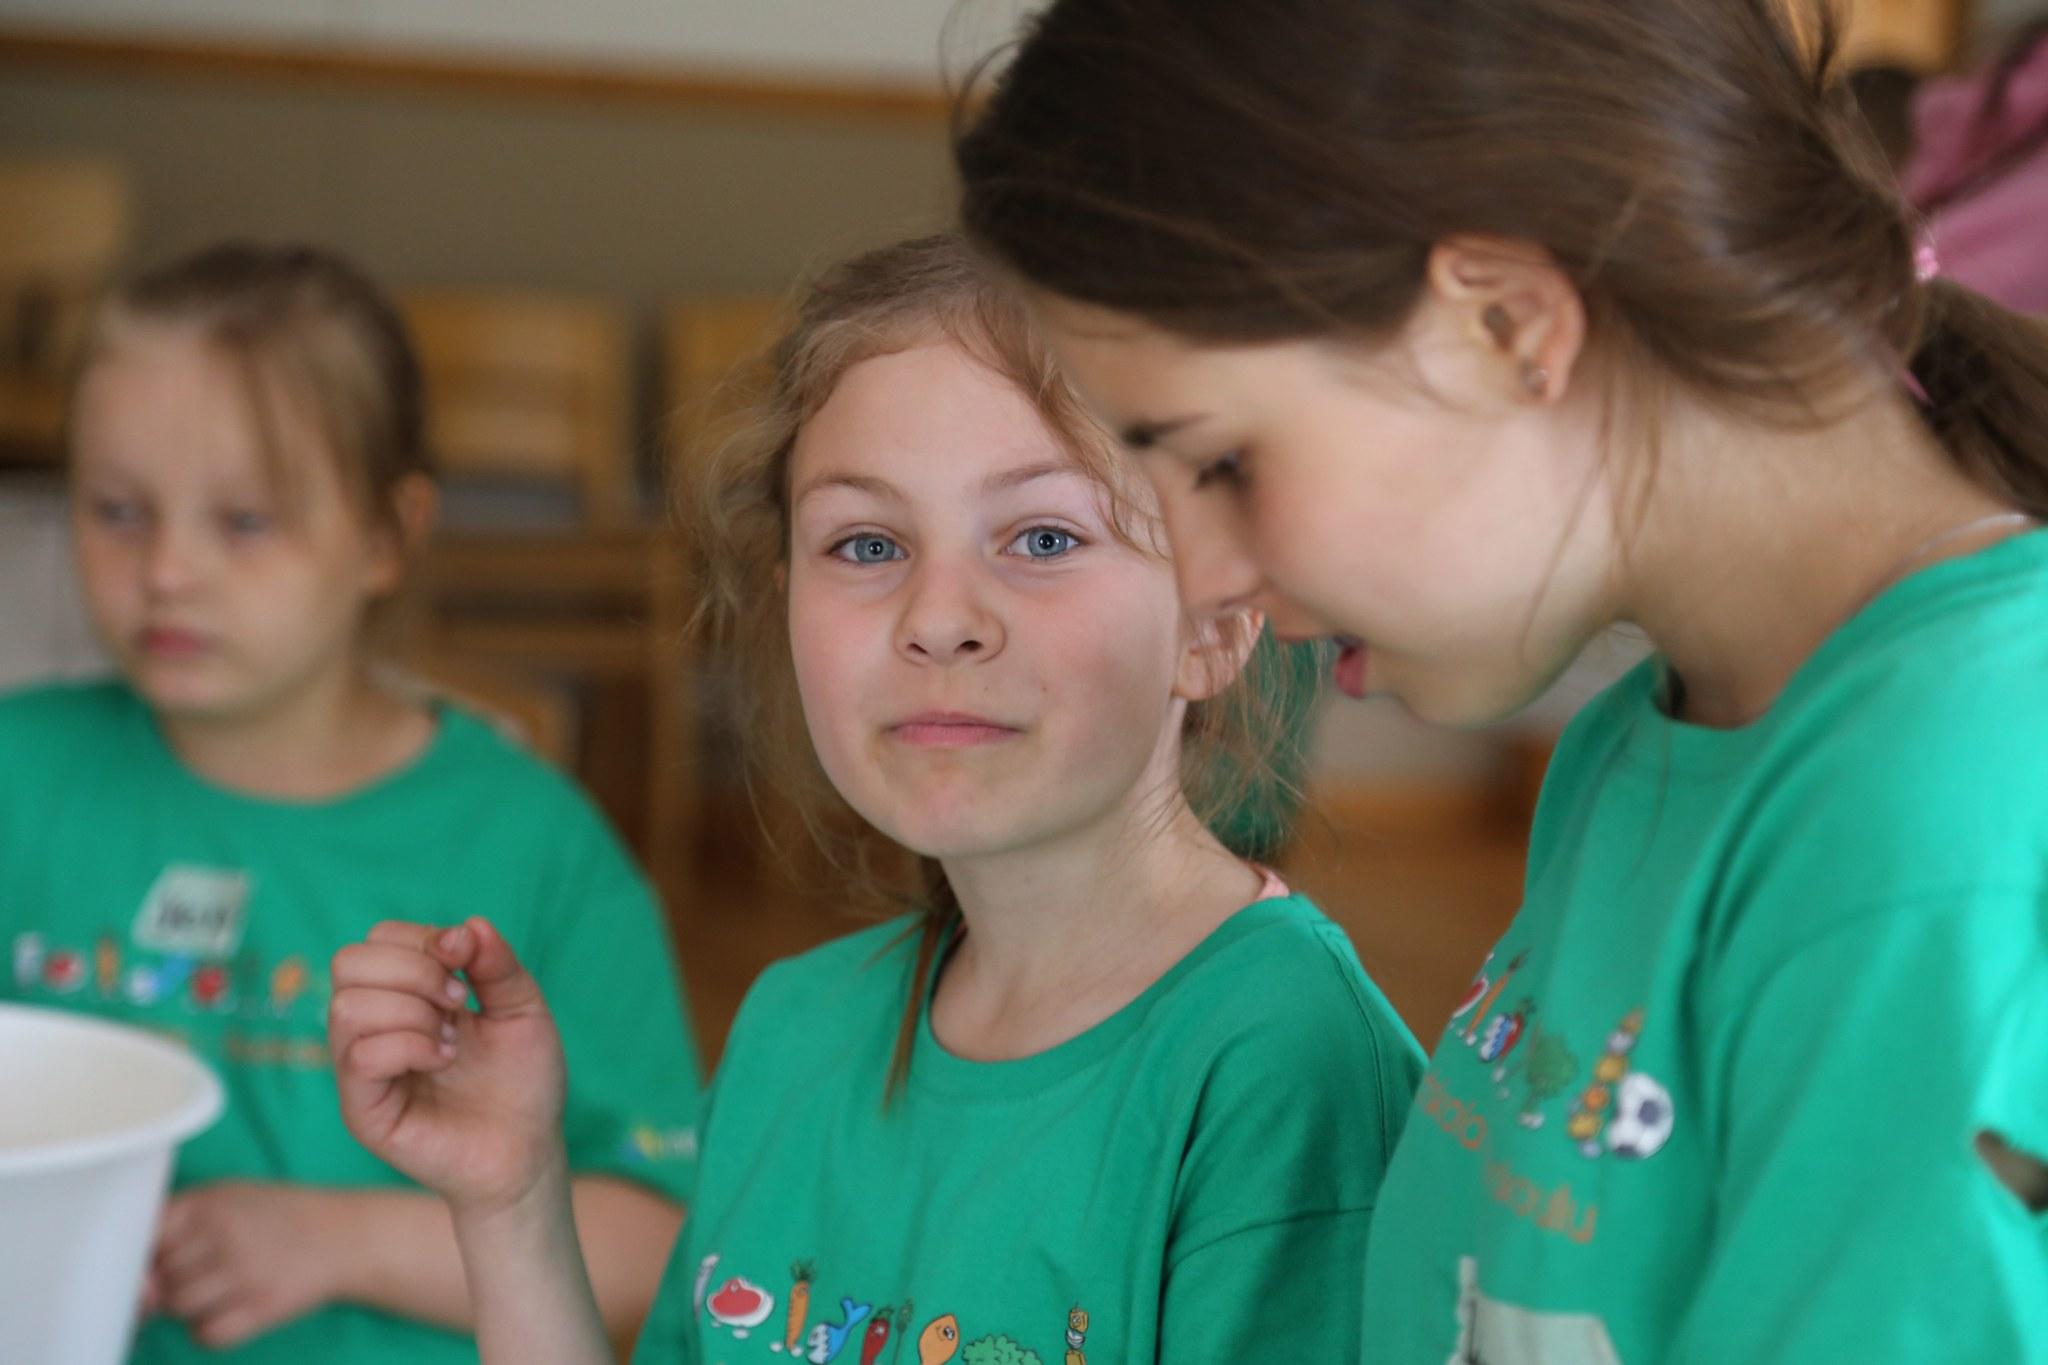 Flickor med gröns matskolet-shirts